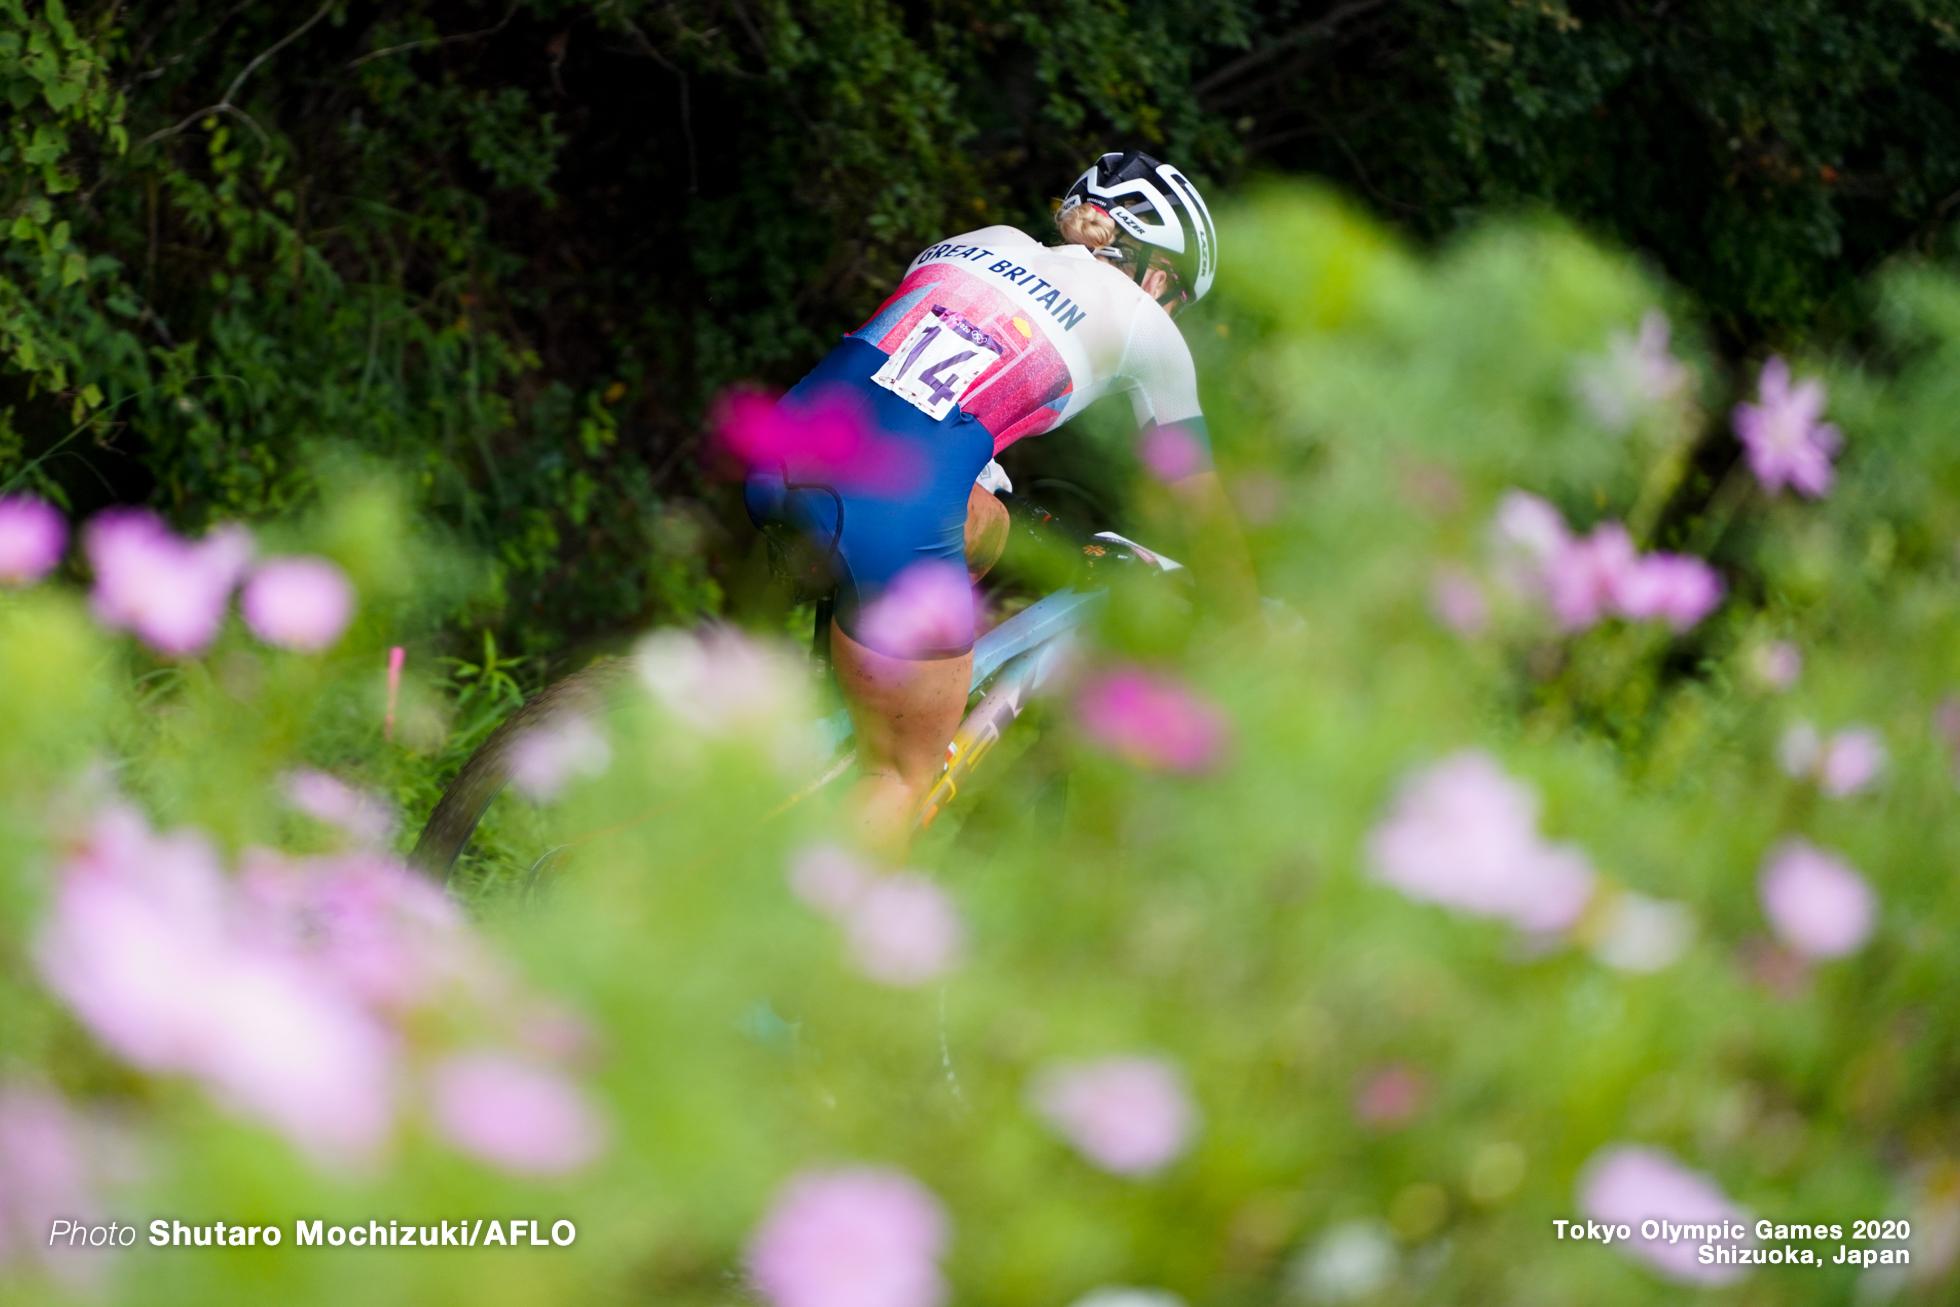 イーヴィー・リッチャーズ Evie Ritchaeds (GBR), JULY 27, 2021 - Cycling : Women's Cross-country during the Tokyo 2020 Olympic Games at the Izu MTB Course in Shizuoka, Japan. (Photo by Shutaro Mochizuki/AFLO)